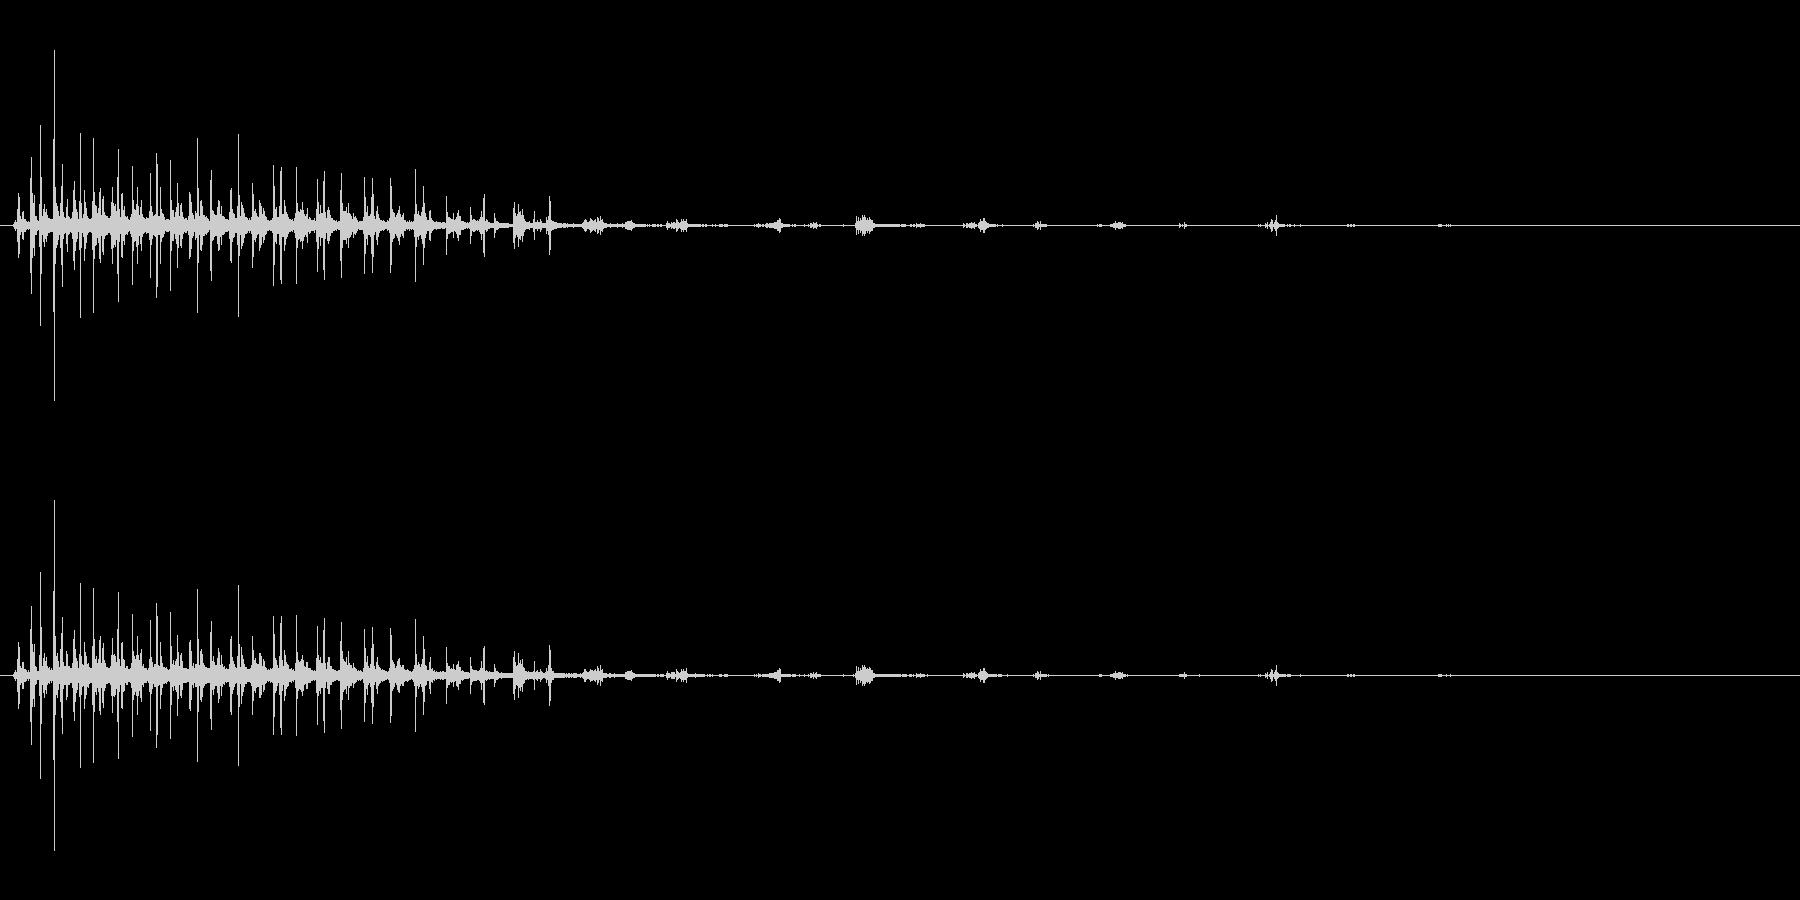 パタパタパタ〜鳥の羽ばたきの擬音リバーブの未再生の波形